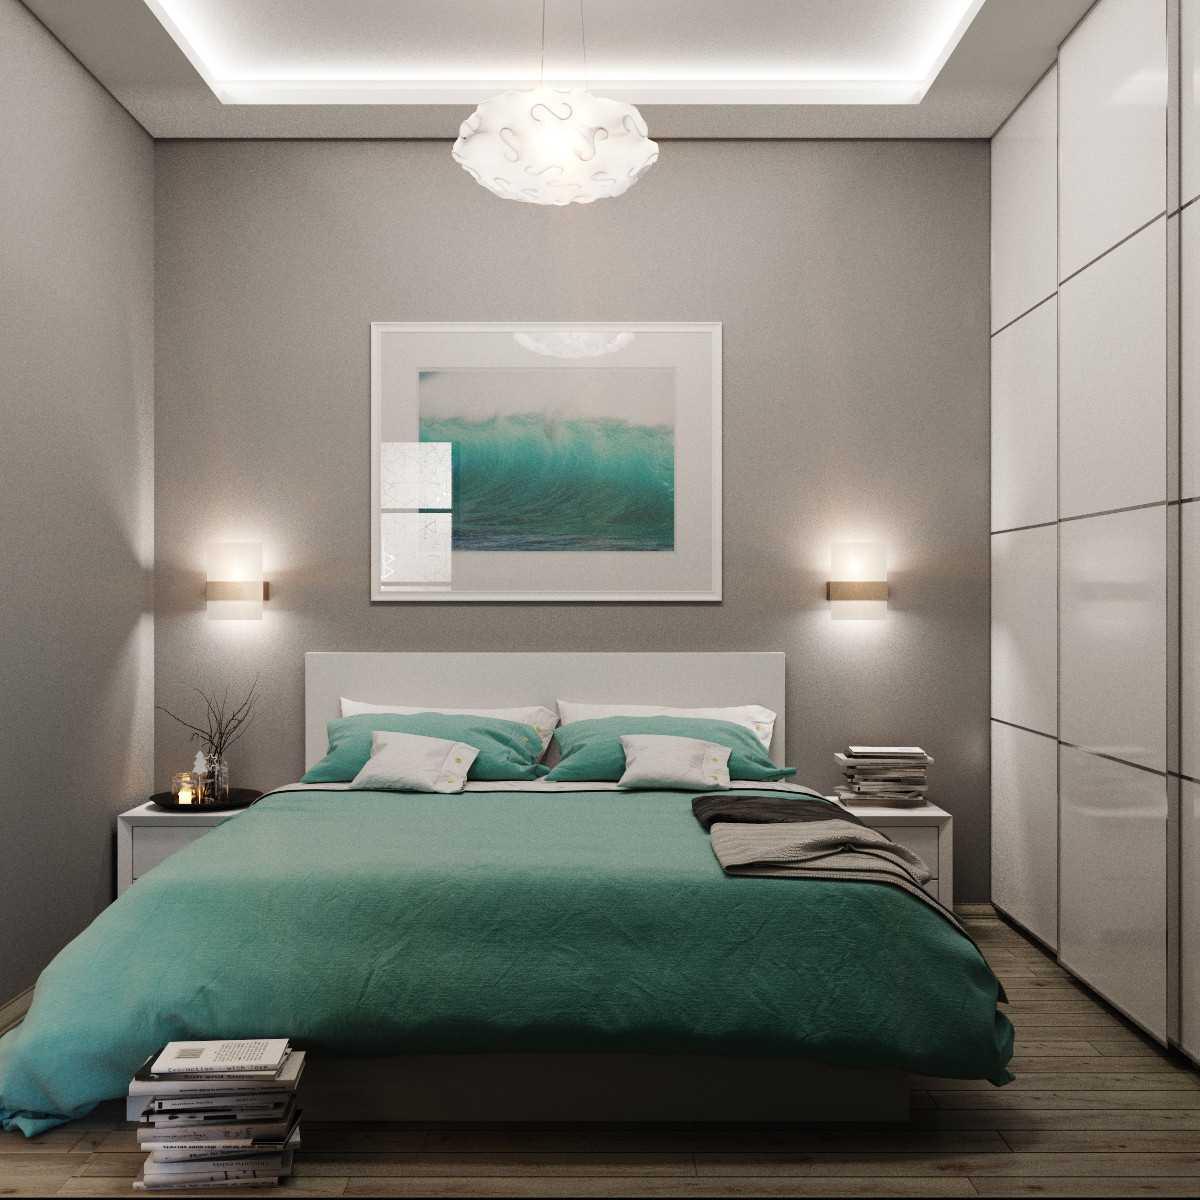 его повышения варианты спальной комнаты фото этого длину